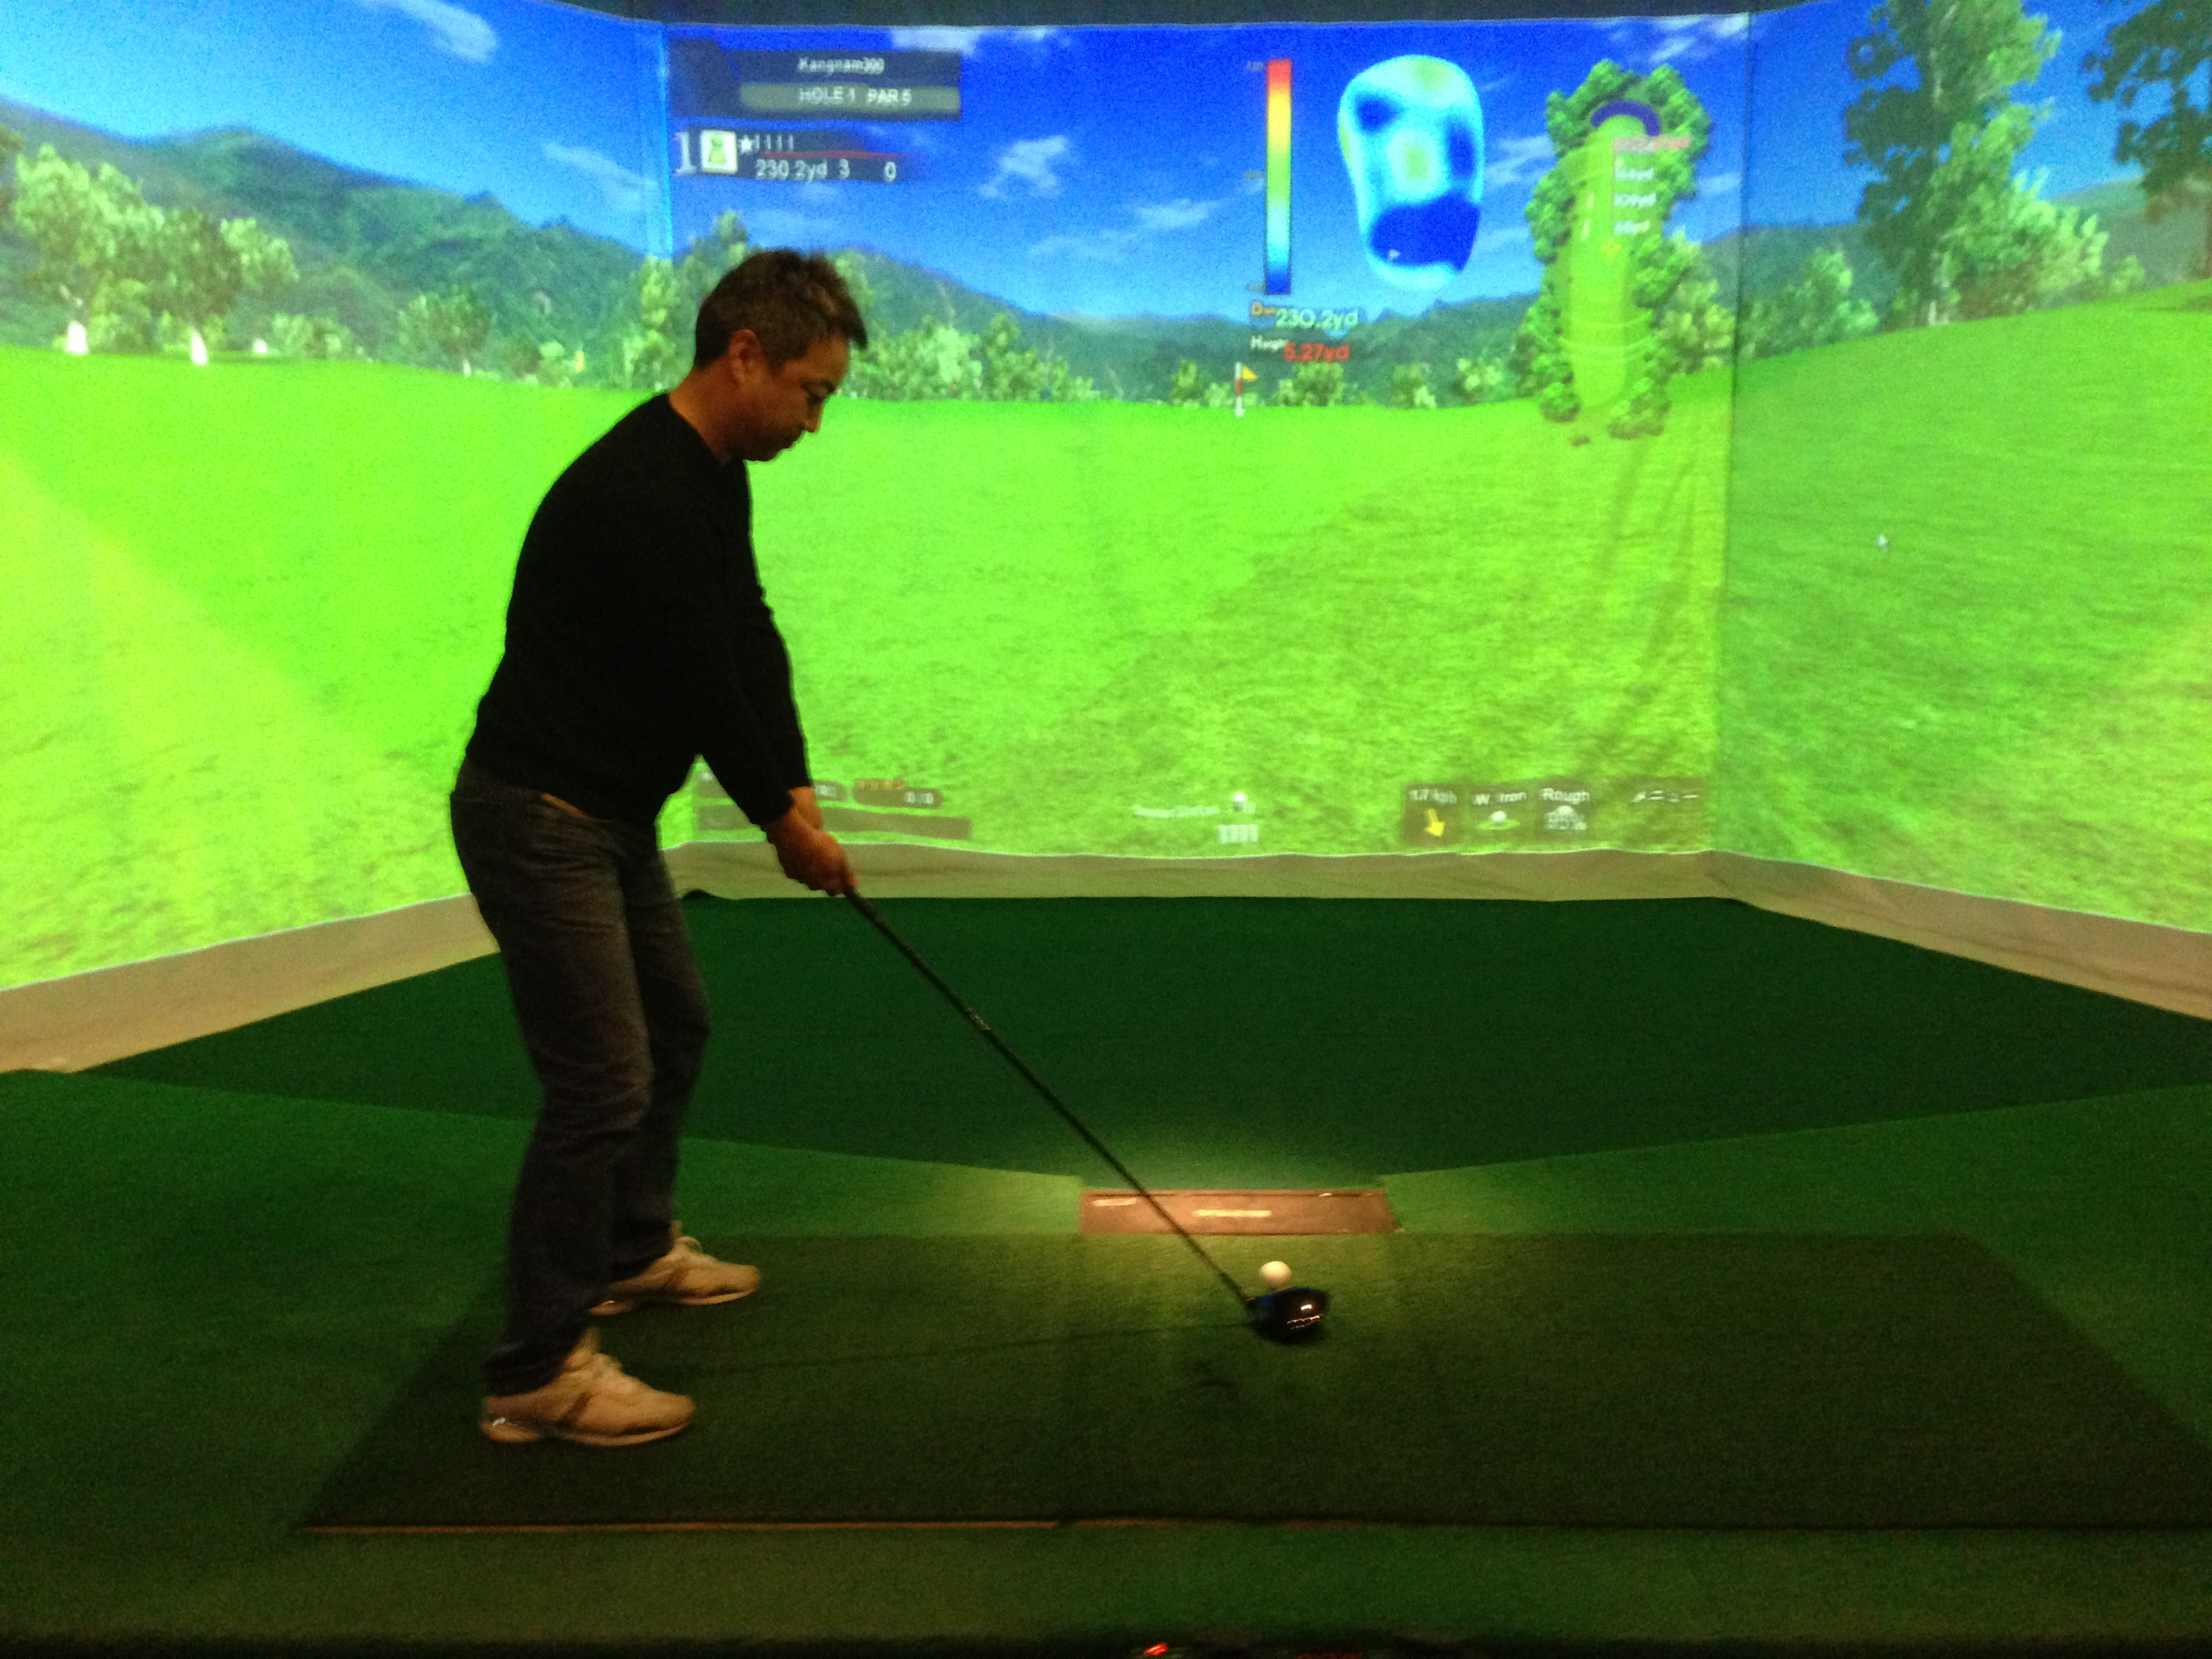 大連でど迫力の3Dシュミレーションゴルフ